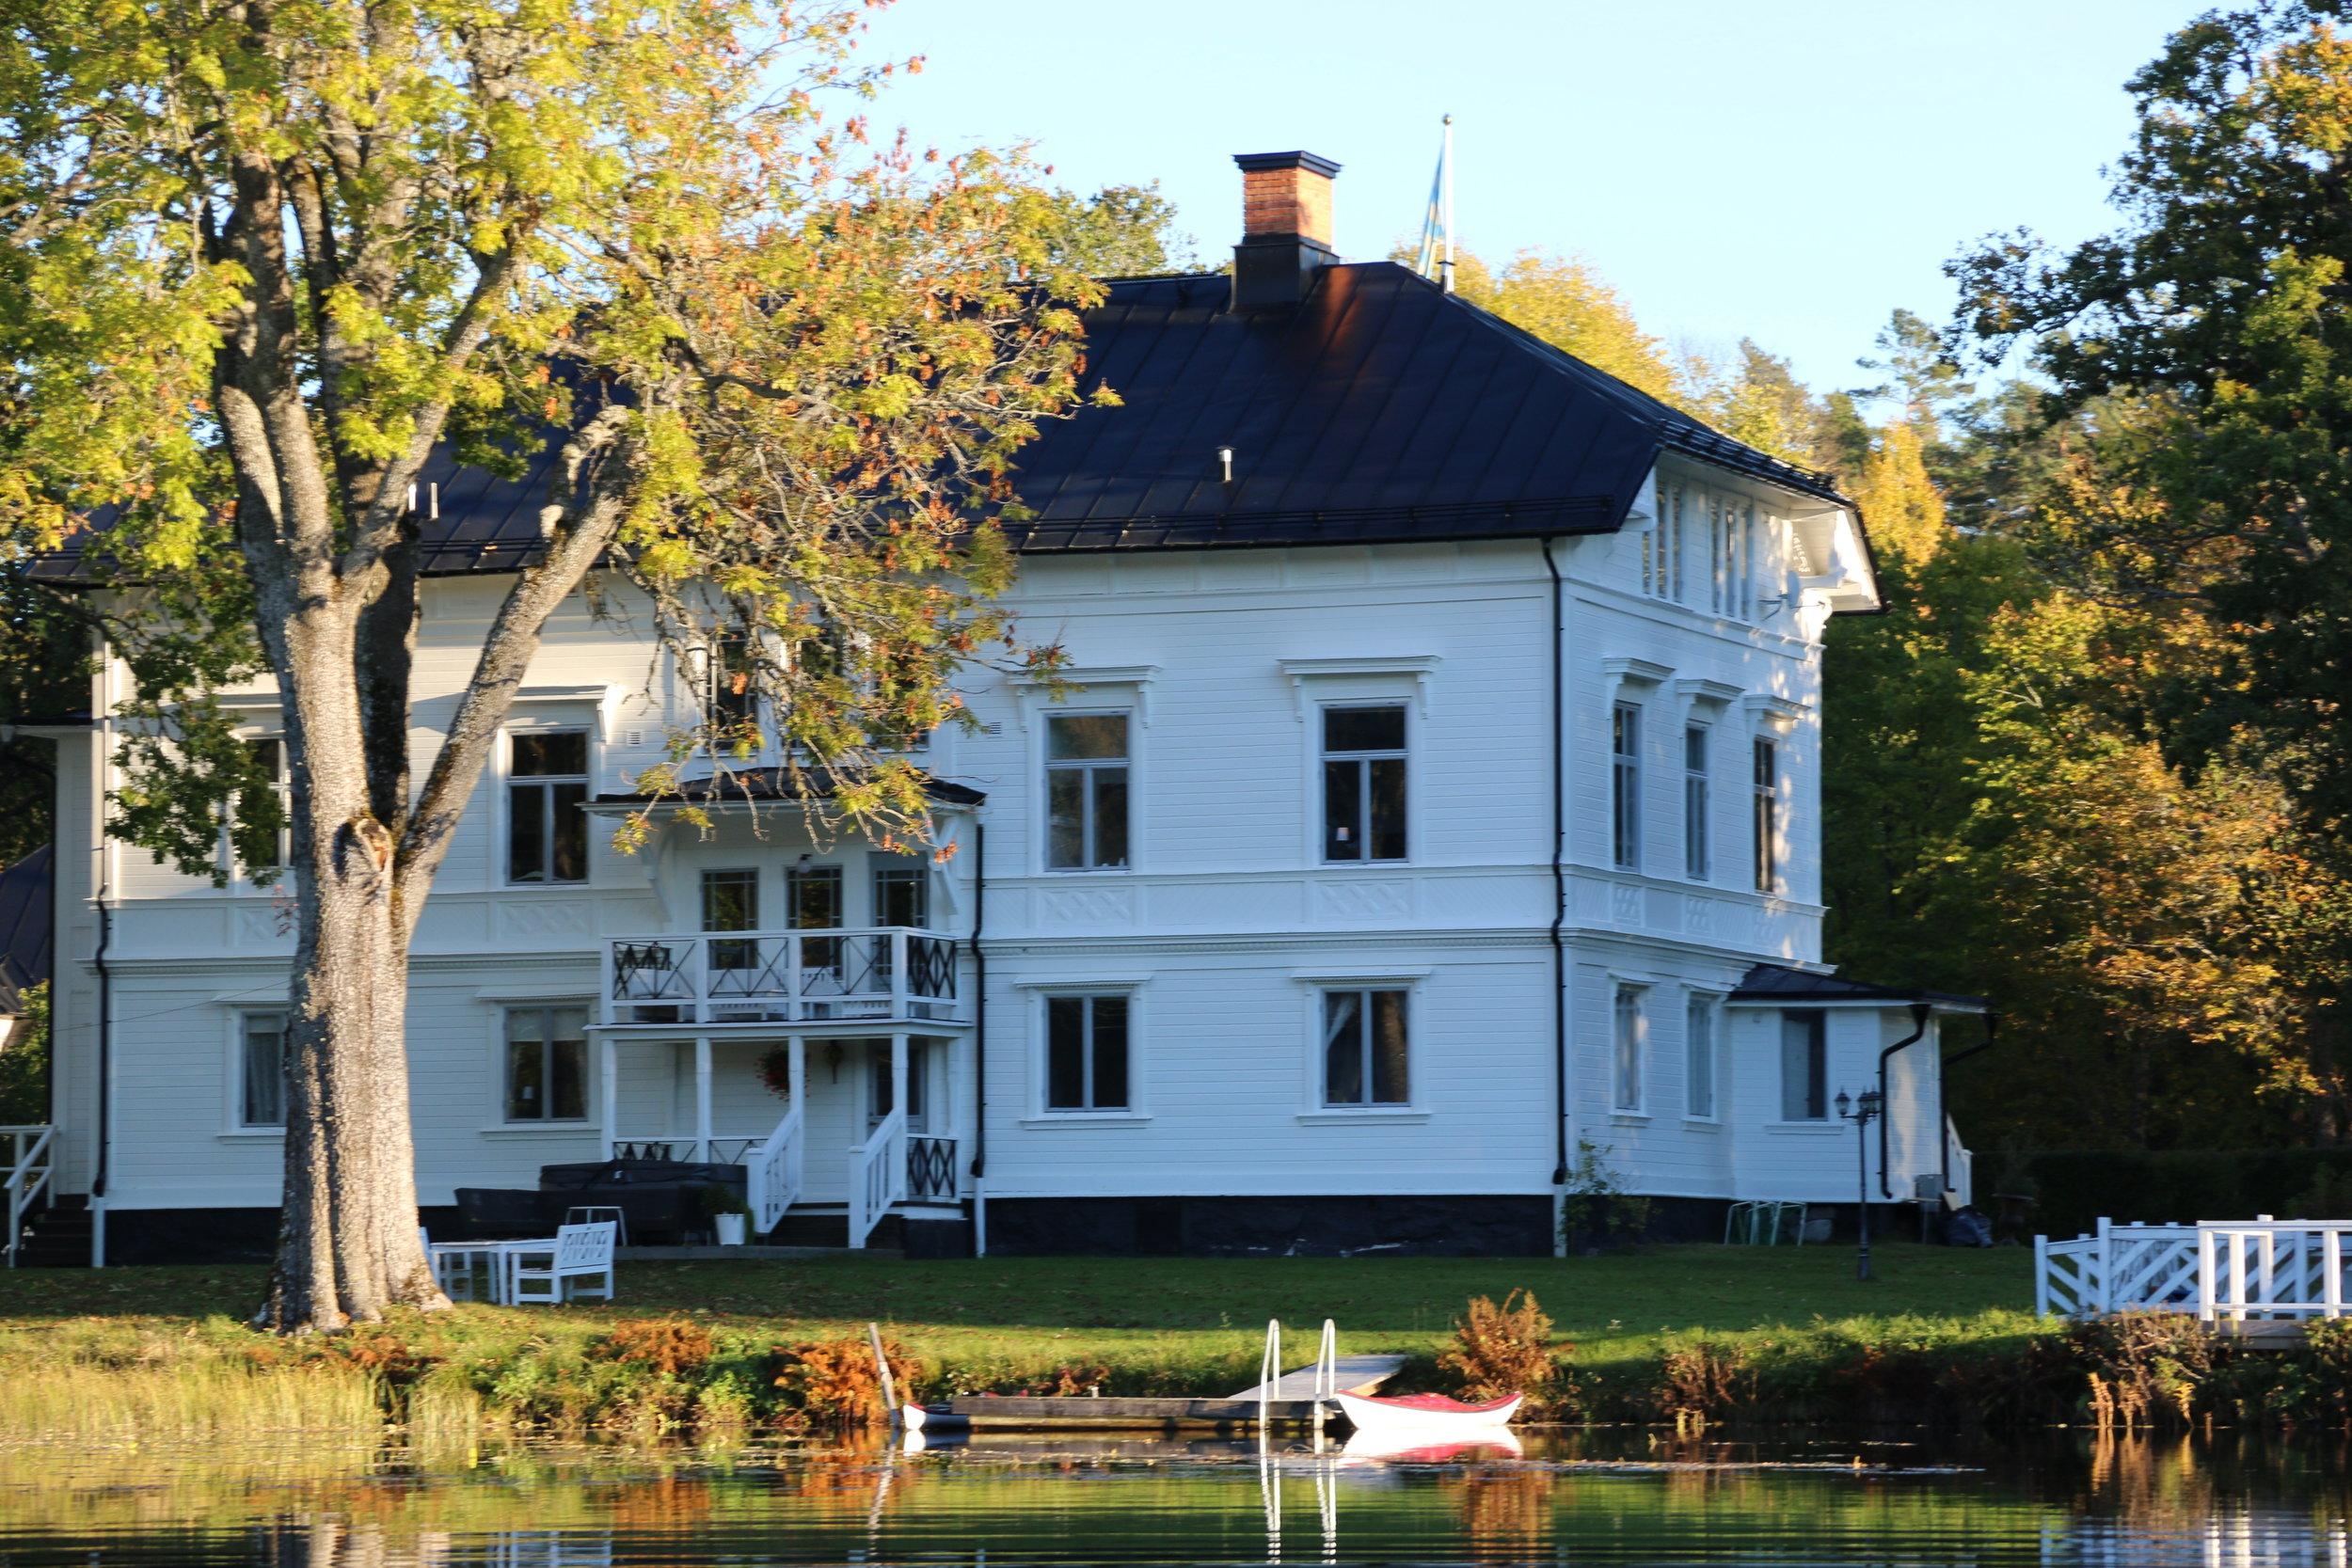 Husets baksida vetter mot sjön